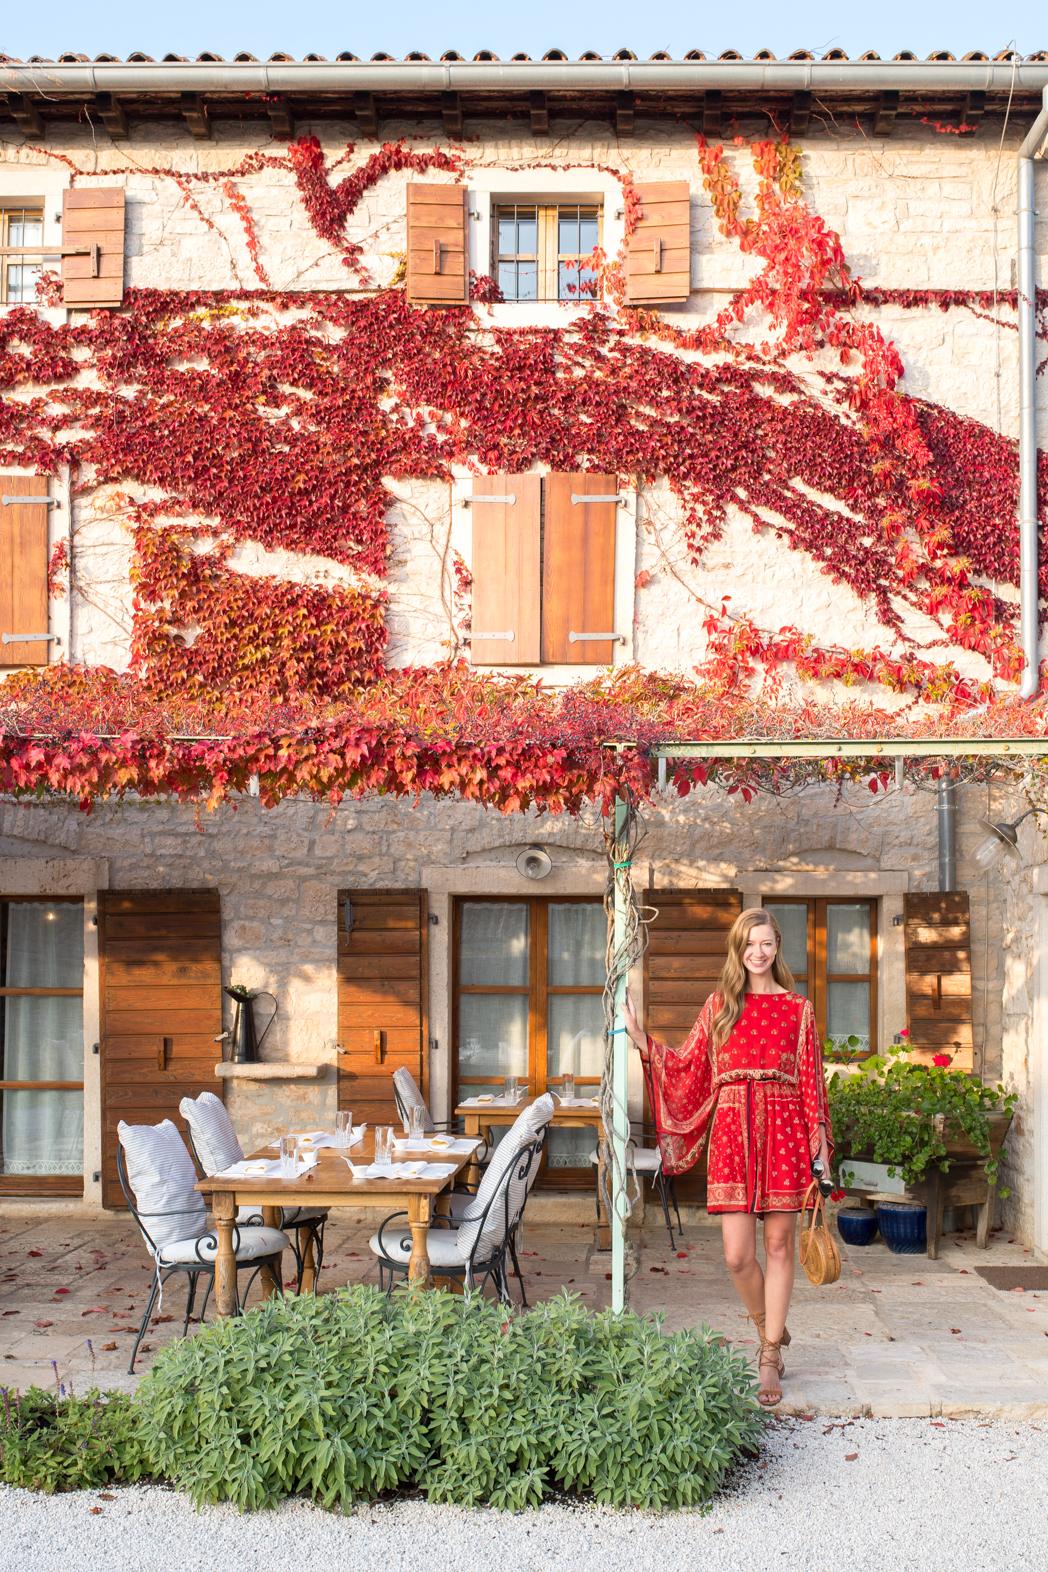 Istria, Croatia in the Fall